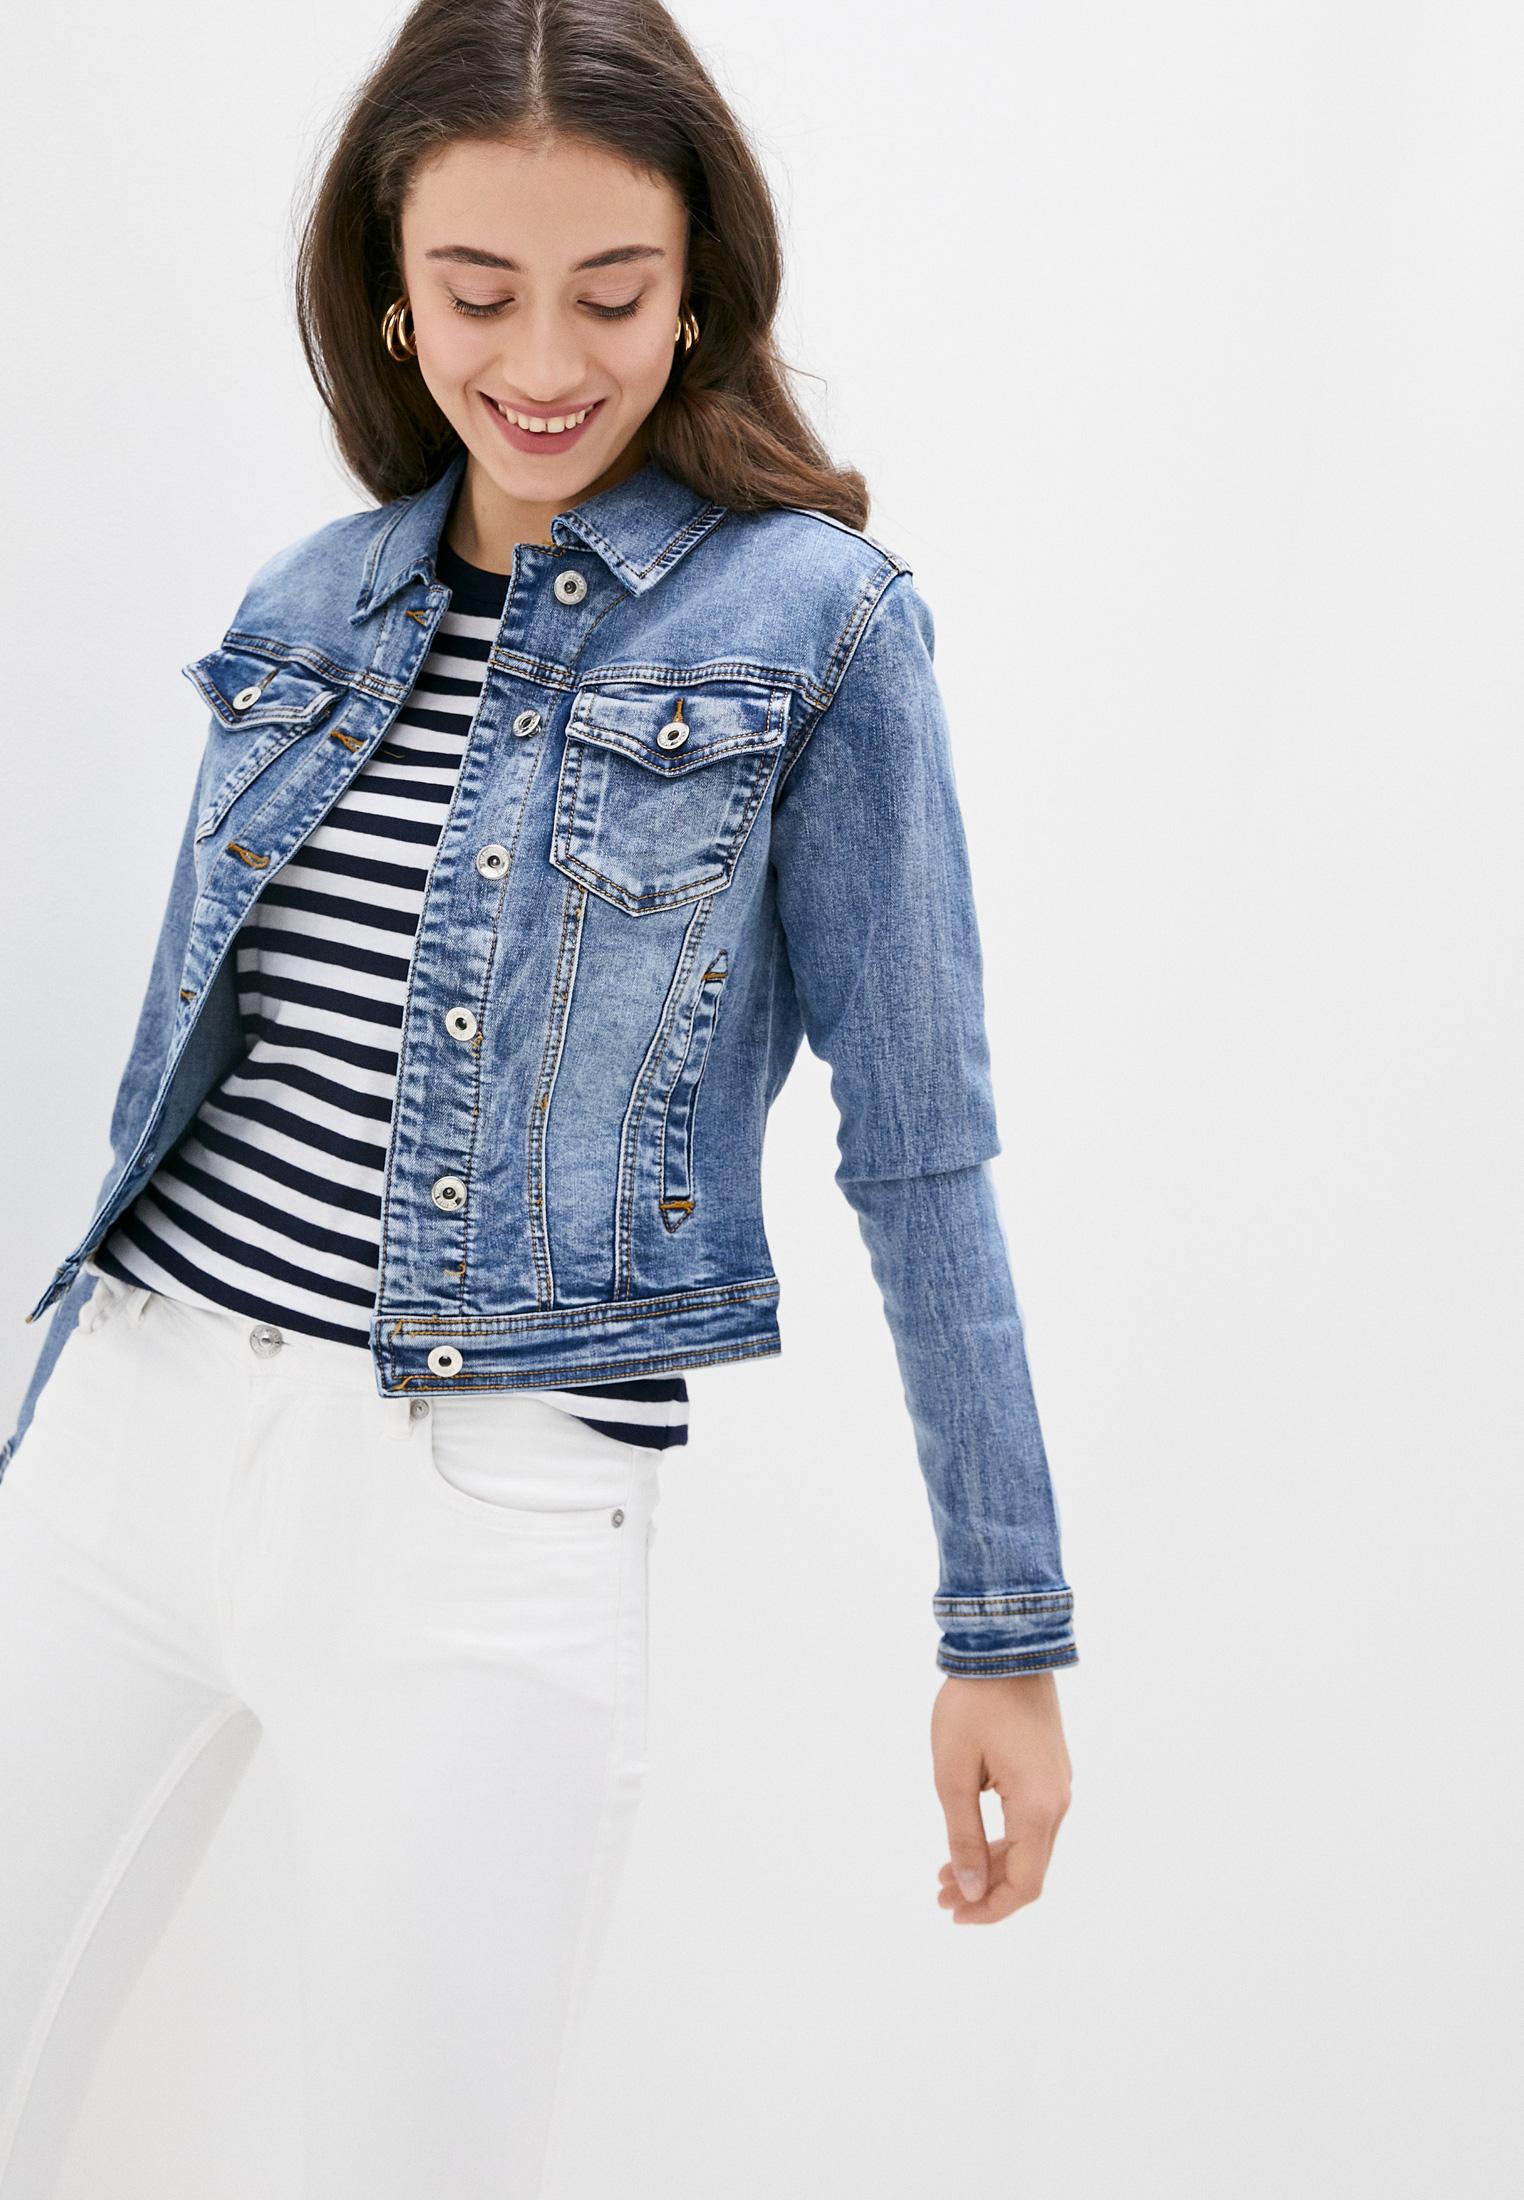 Джинсовая куртка Softy J9021